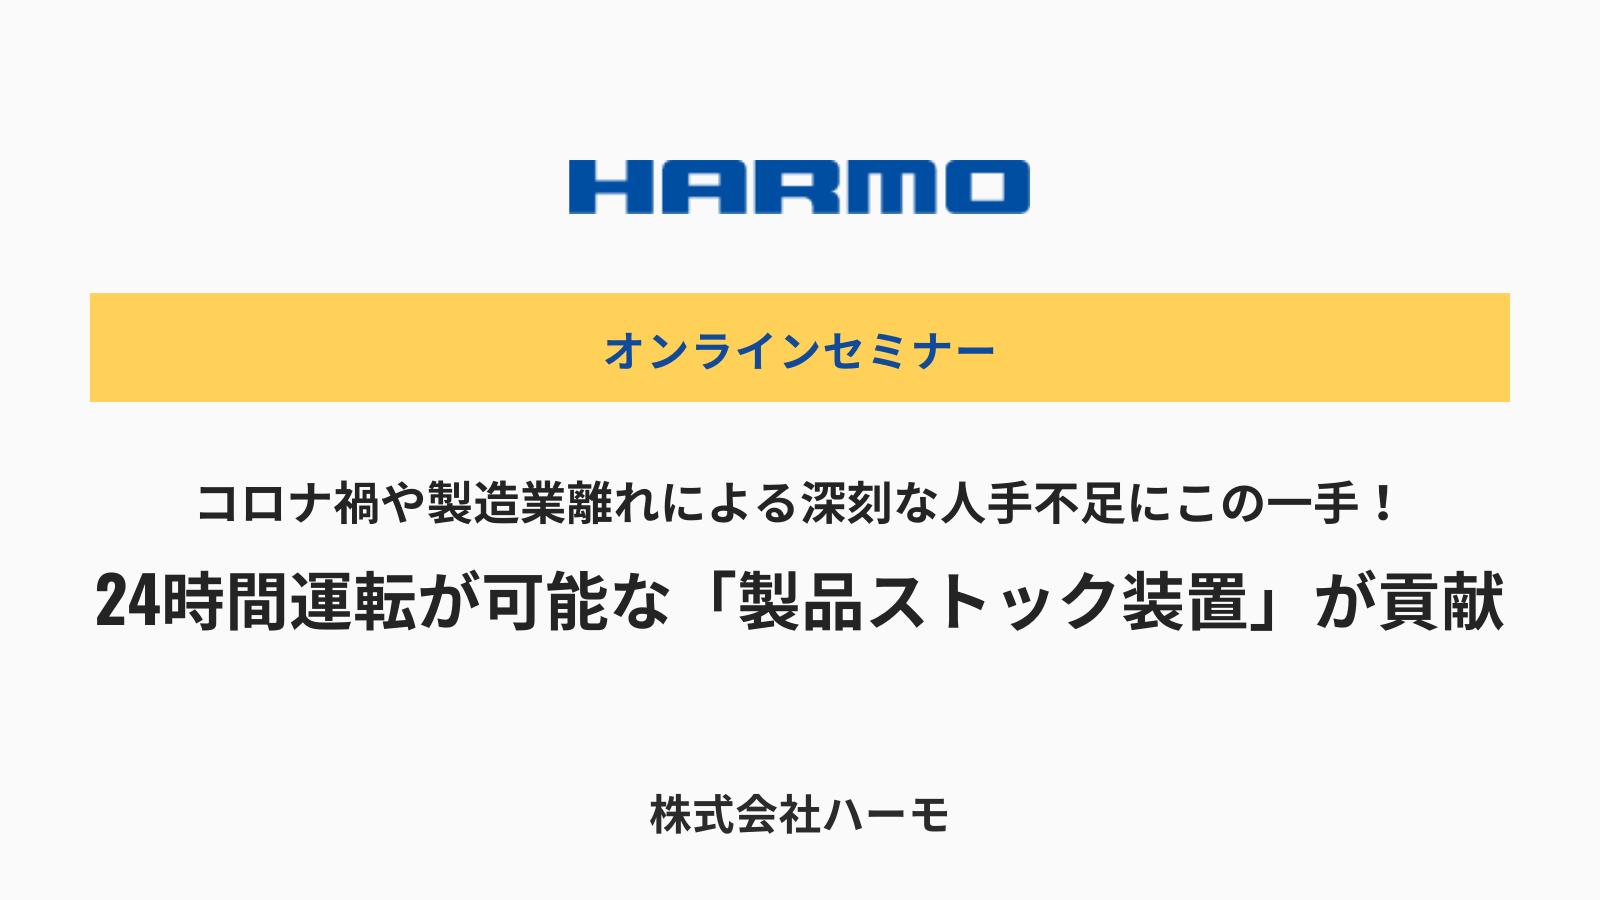 株式会社ハーモウェブセミナー『24時間運転が可能な「製品ストック装置」が貢献』